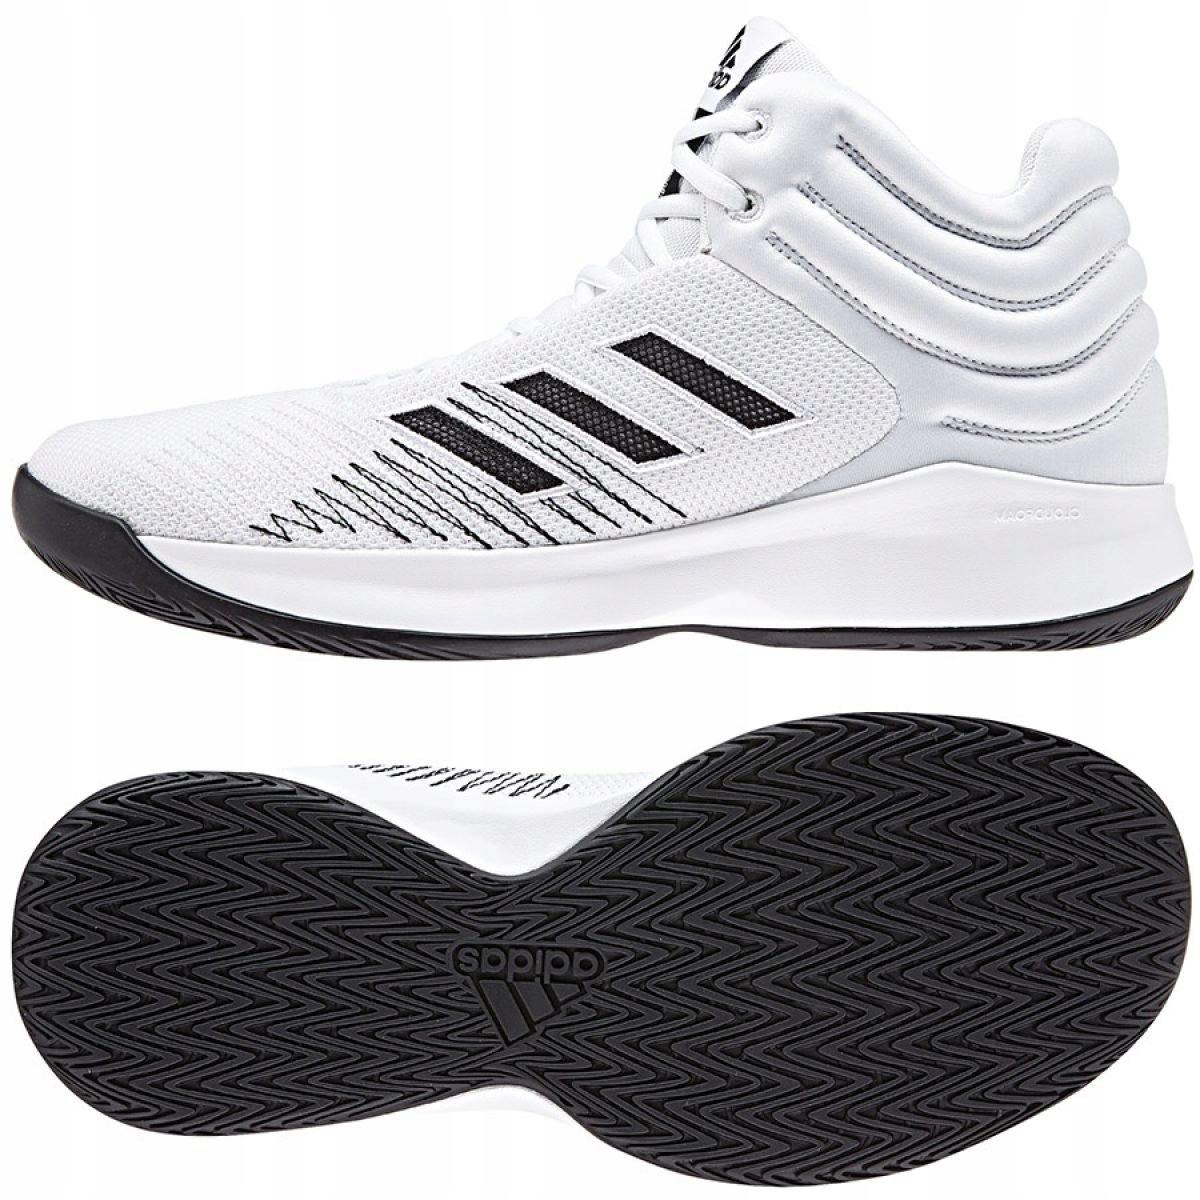 Buty koszykarskie adidas Pro Sprak 2018 M r.48 2/3